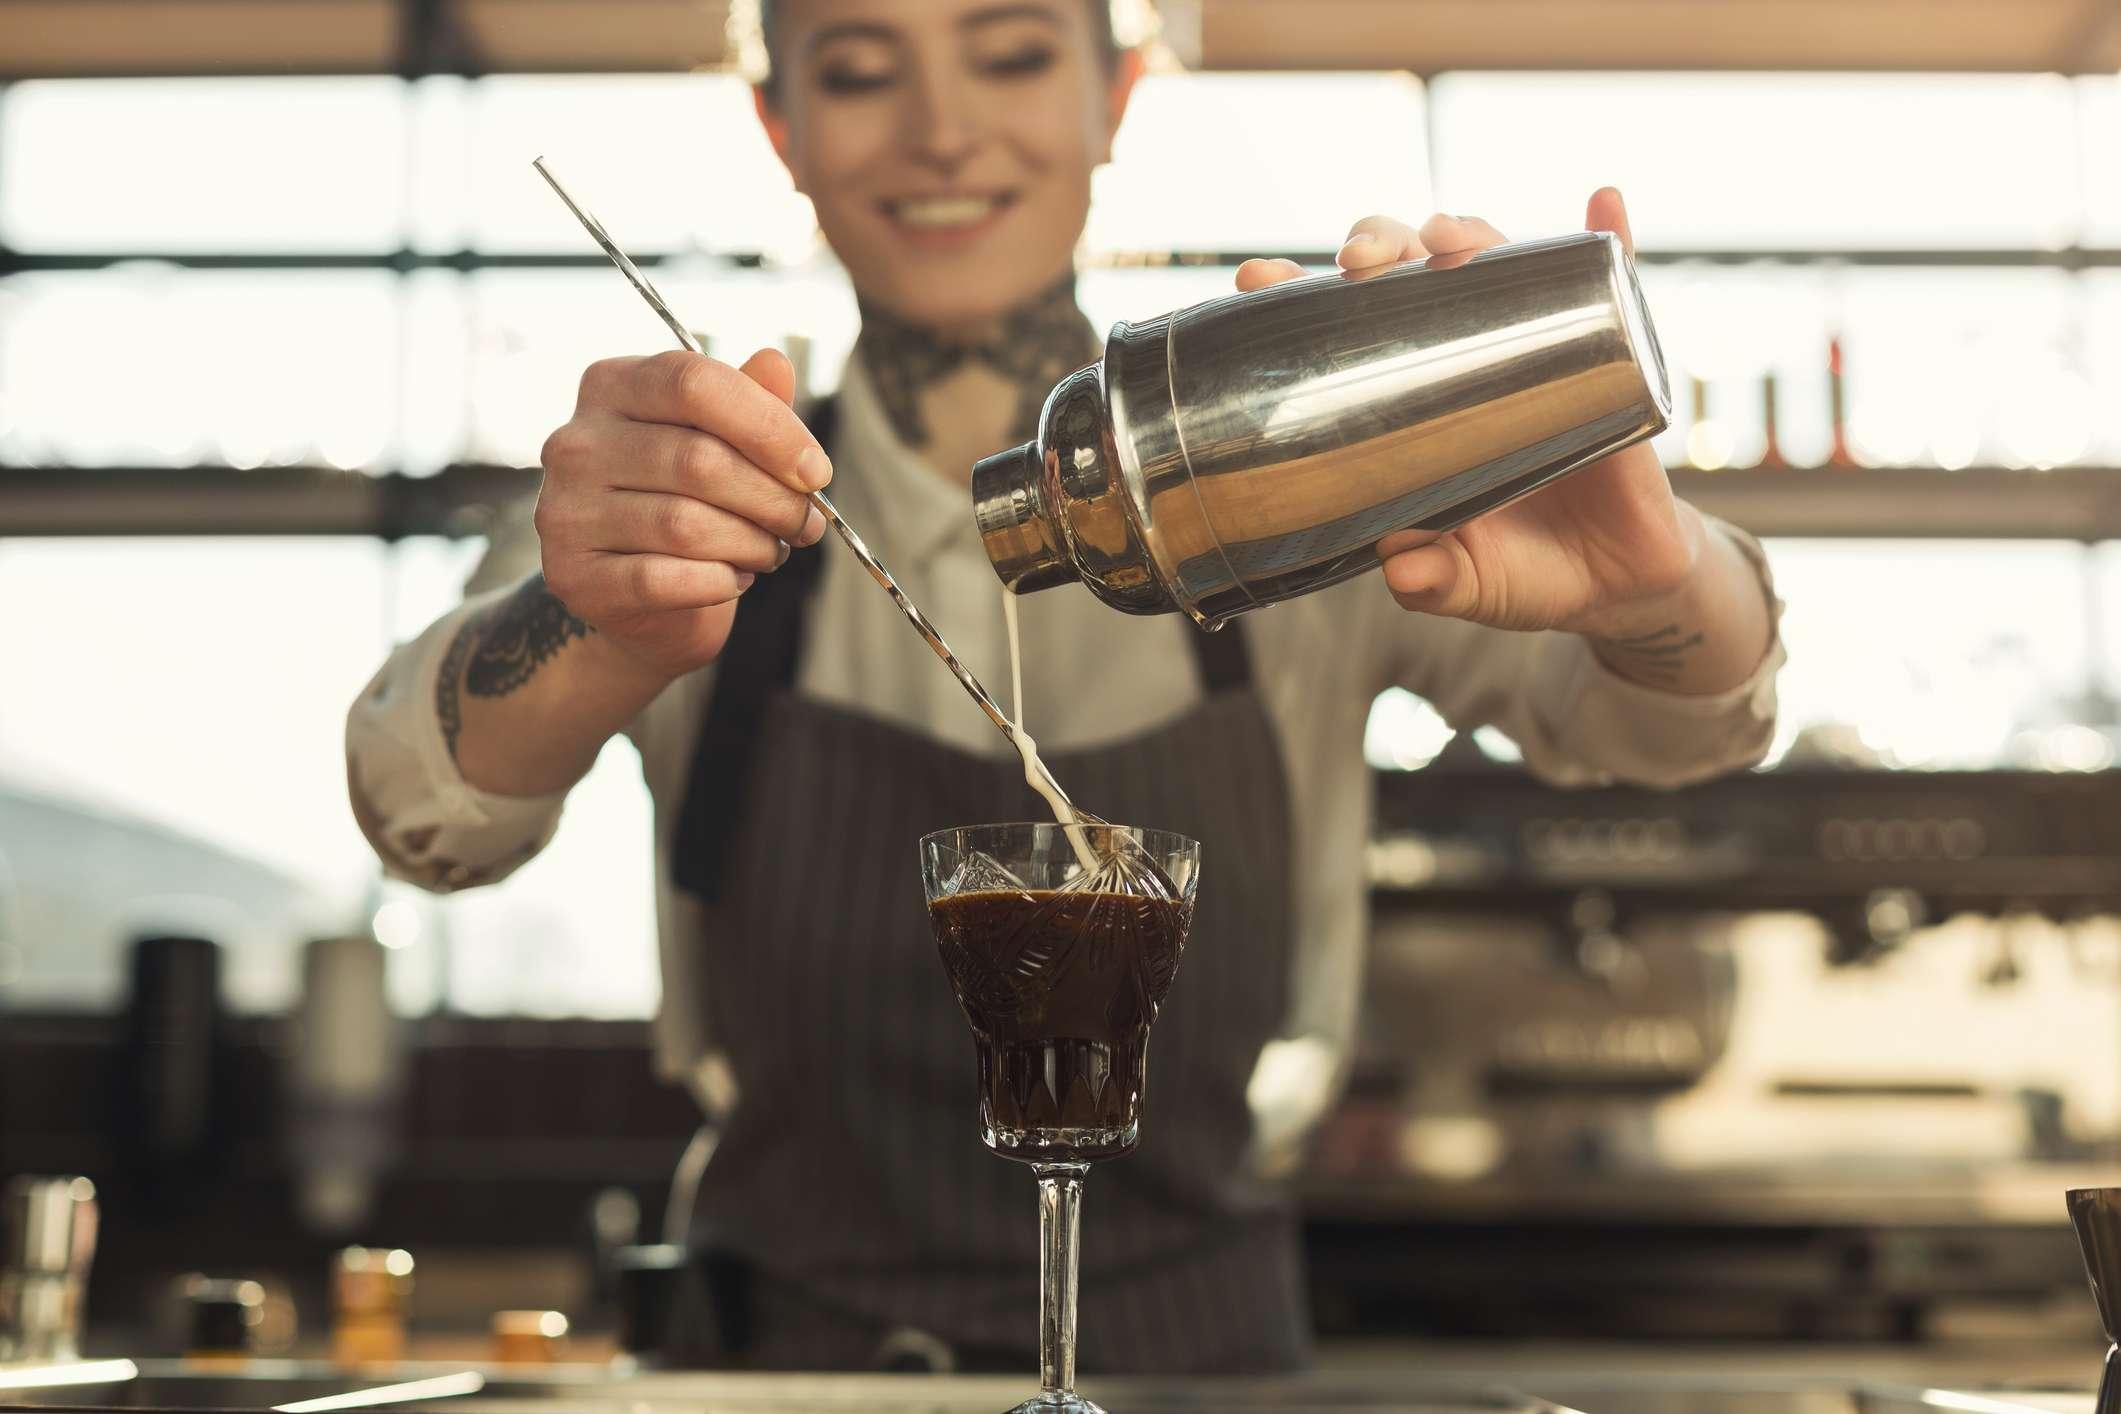 Die vier besten Kaffee-Rezepte (+ 1)